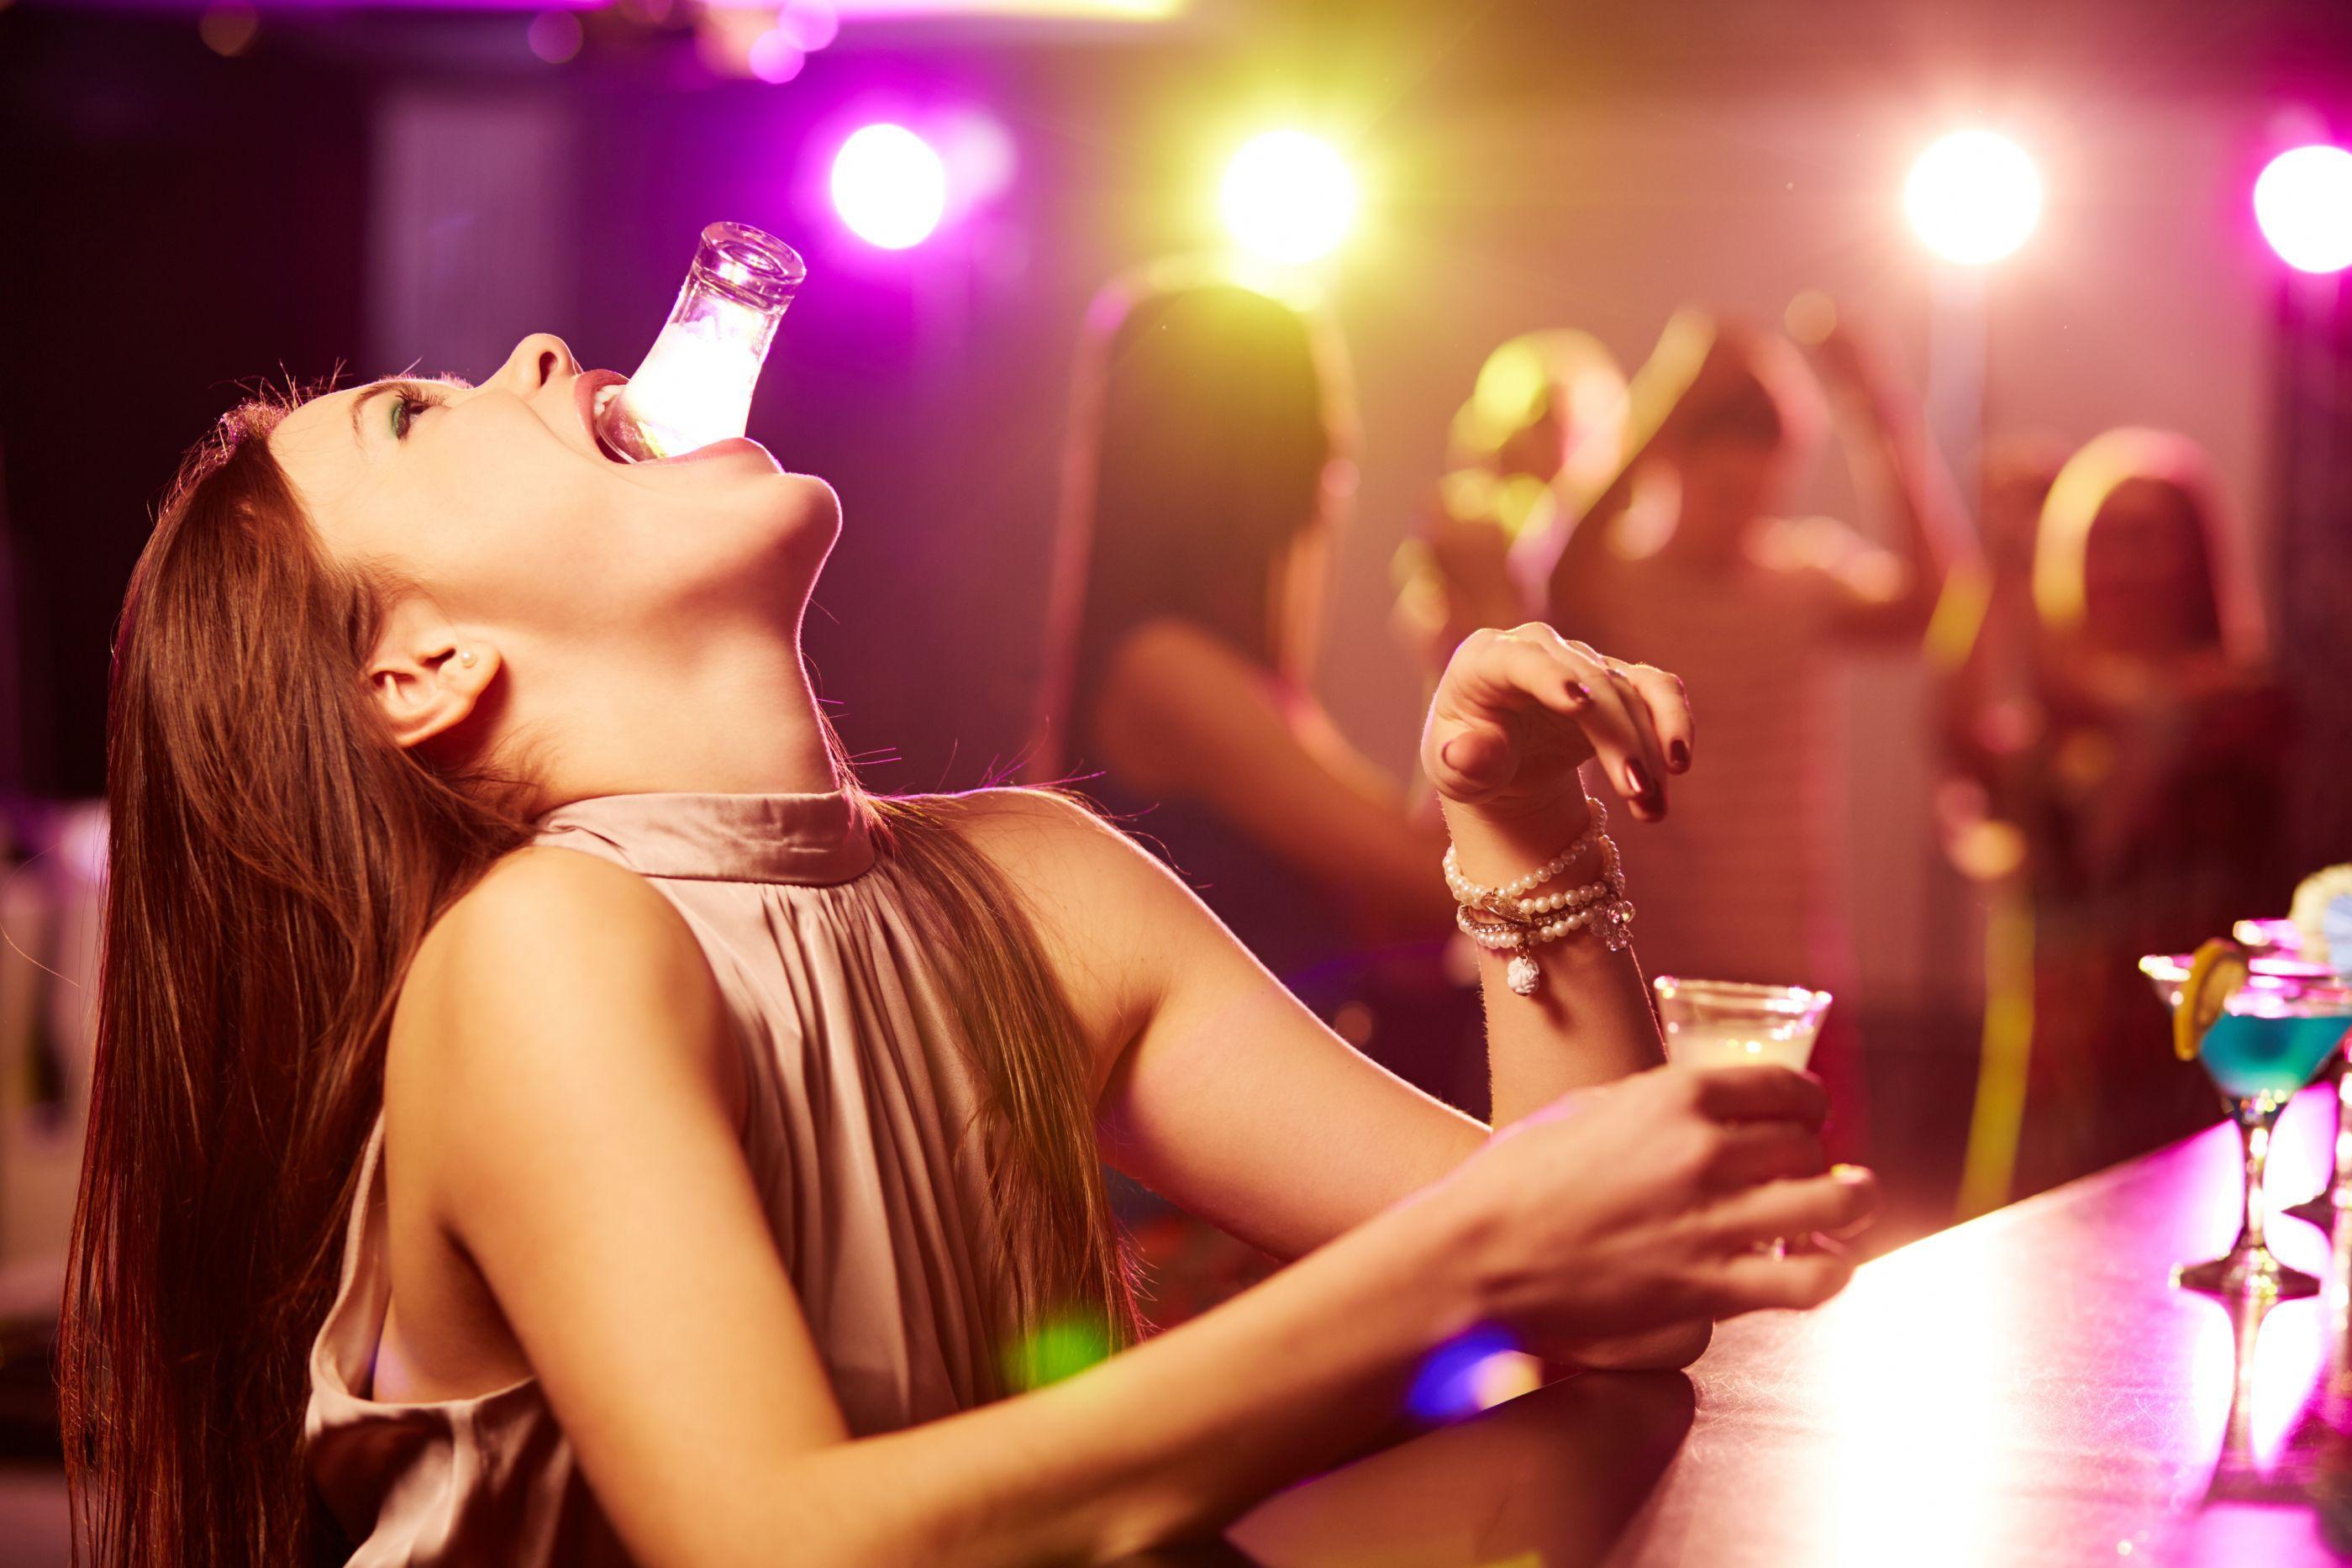 Alcoolismo: Como o álcool altera o ADN e faz querer beber ainda mais